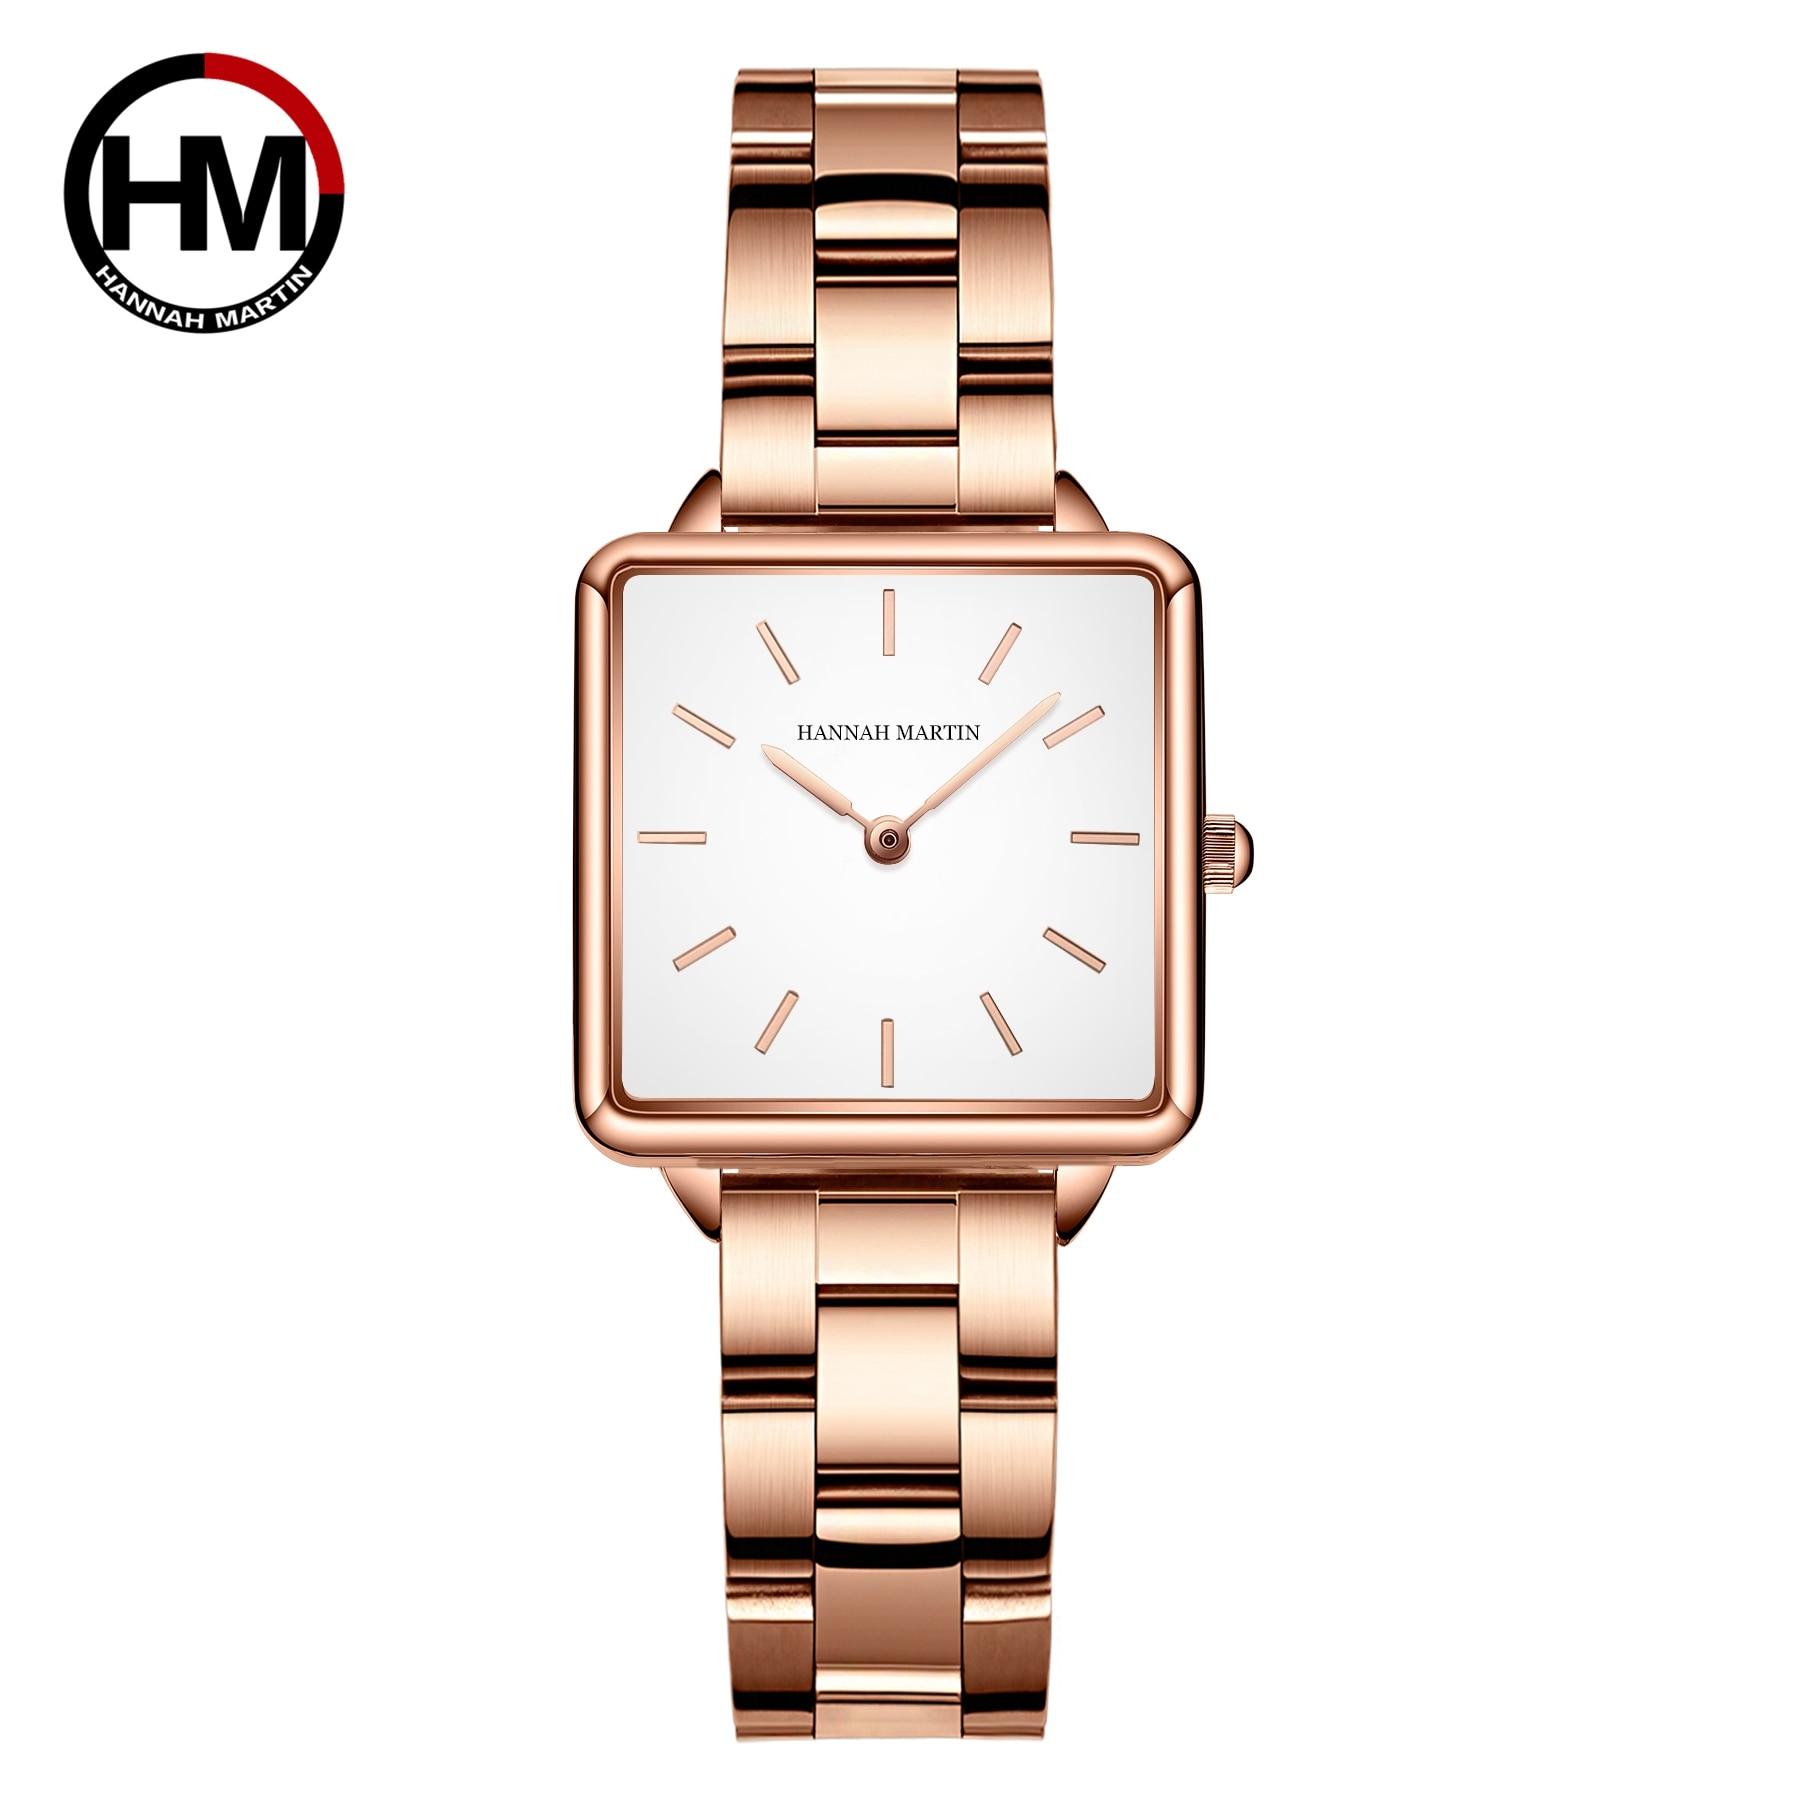 ساعة يد نسائية مربعة ، ساعة يد من الذهب الوردي ، ماركة غير رسمية ، عصرية ، فاخرة